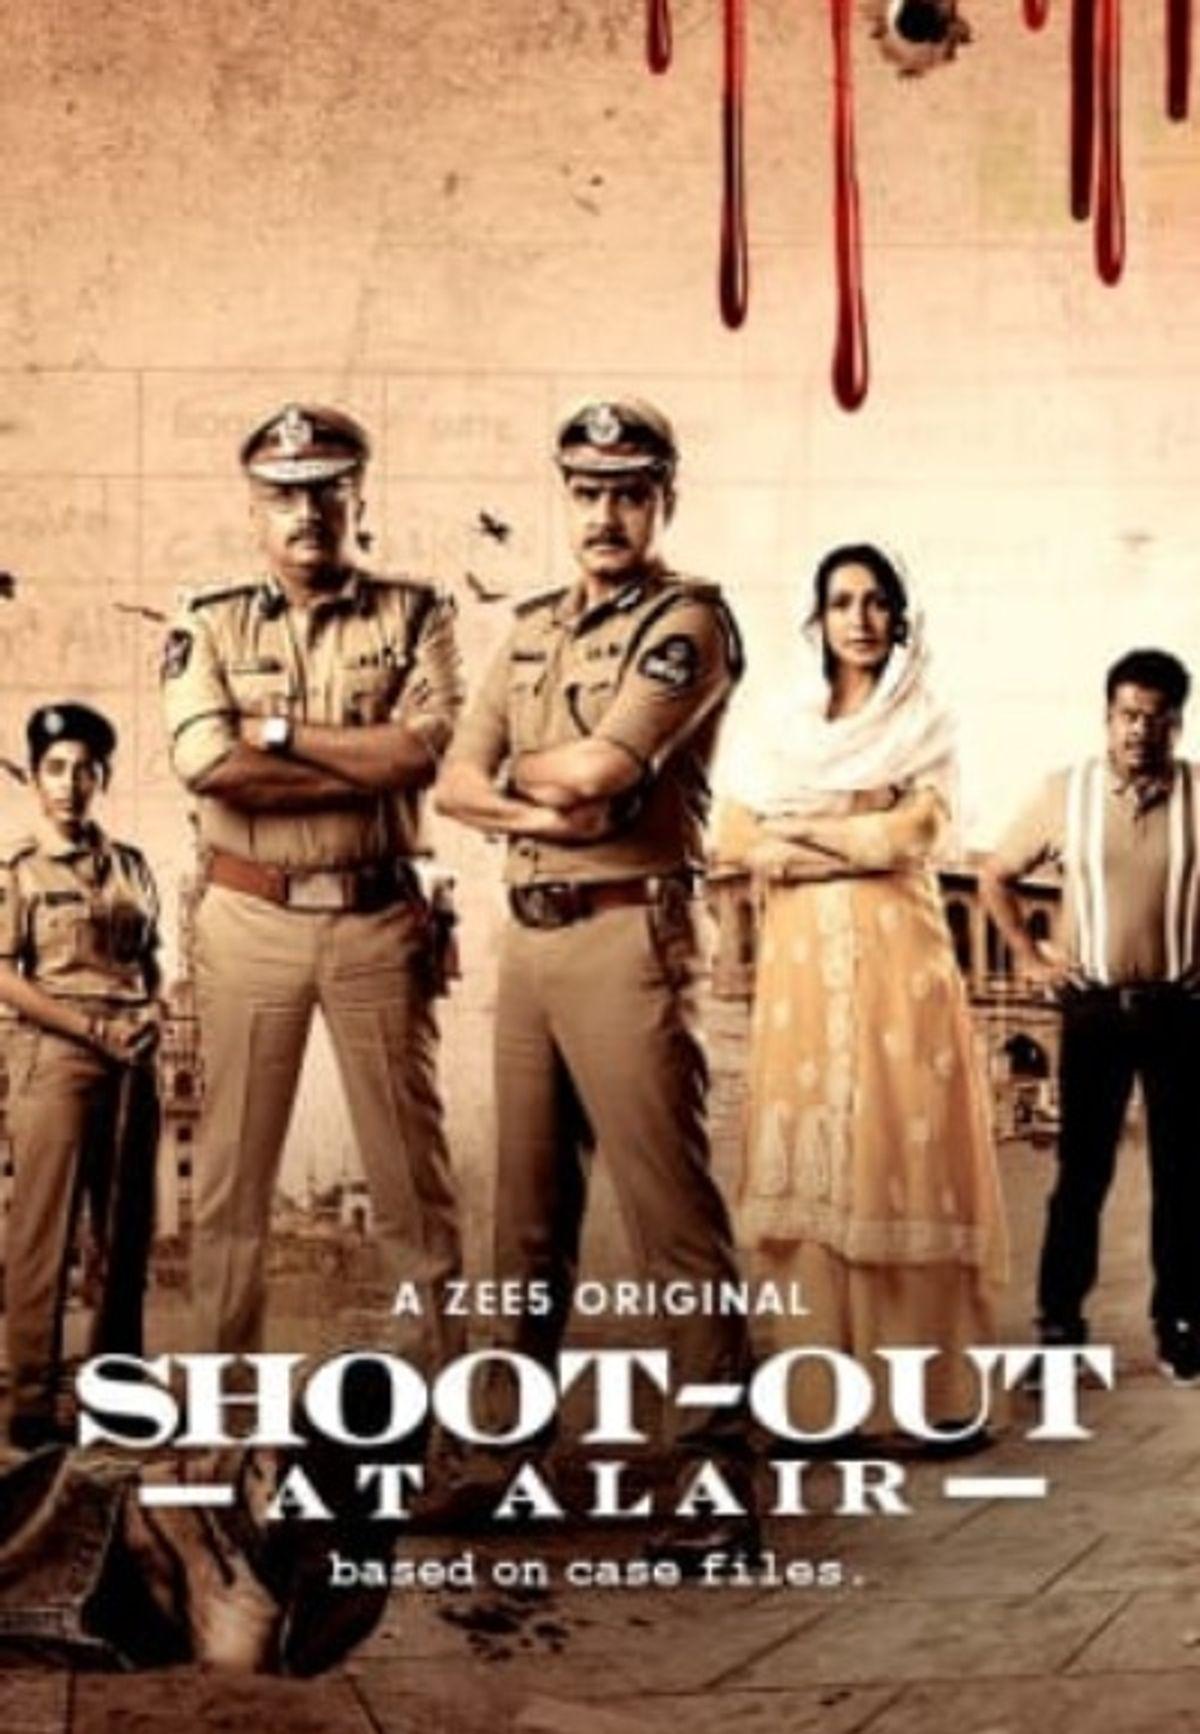 Shoot-out at Alair